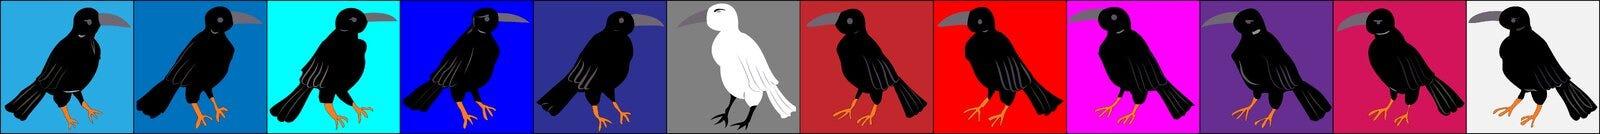 Corvos e corvos, assistente hospitalar organizado em quadrados coloridos fileira Imagem de Stock